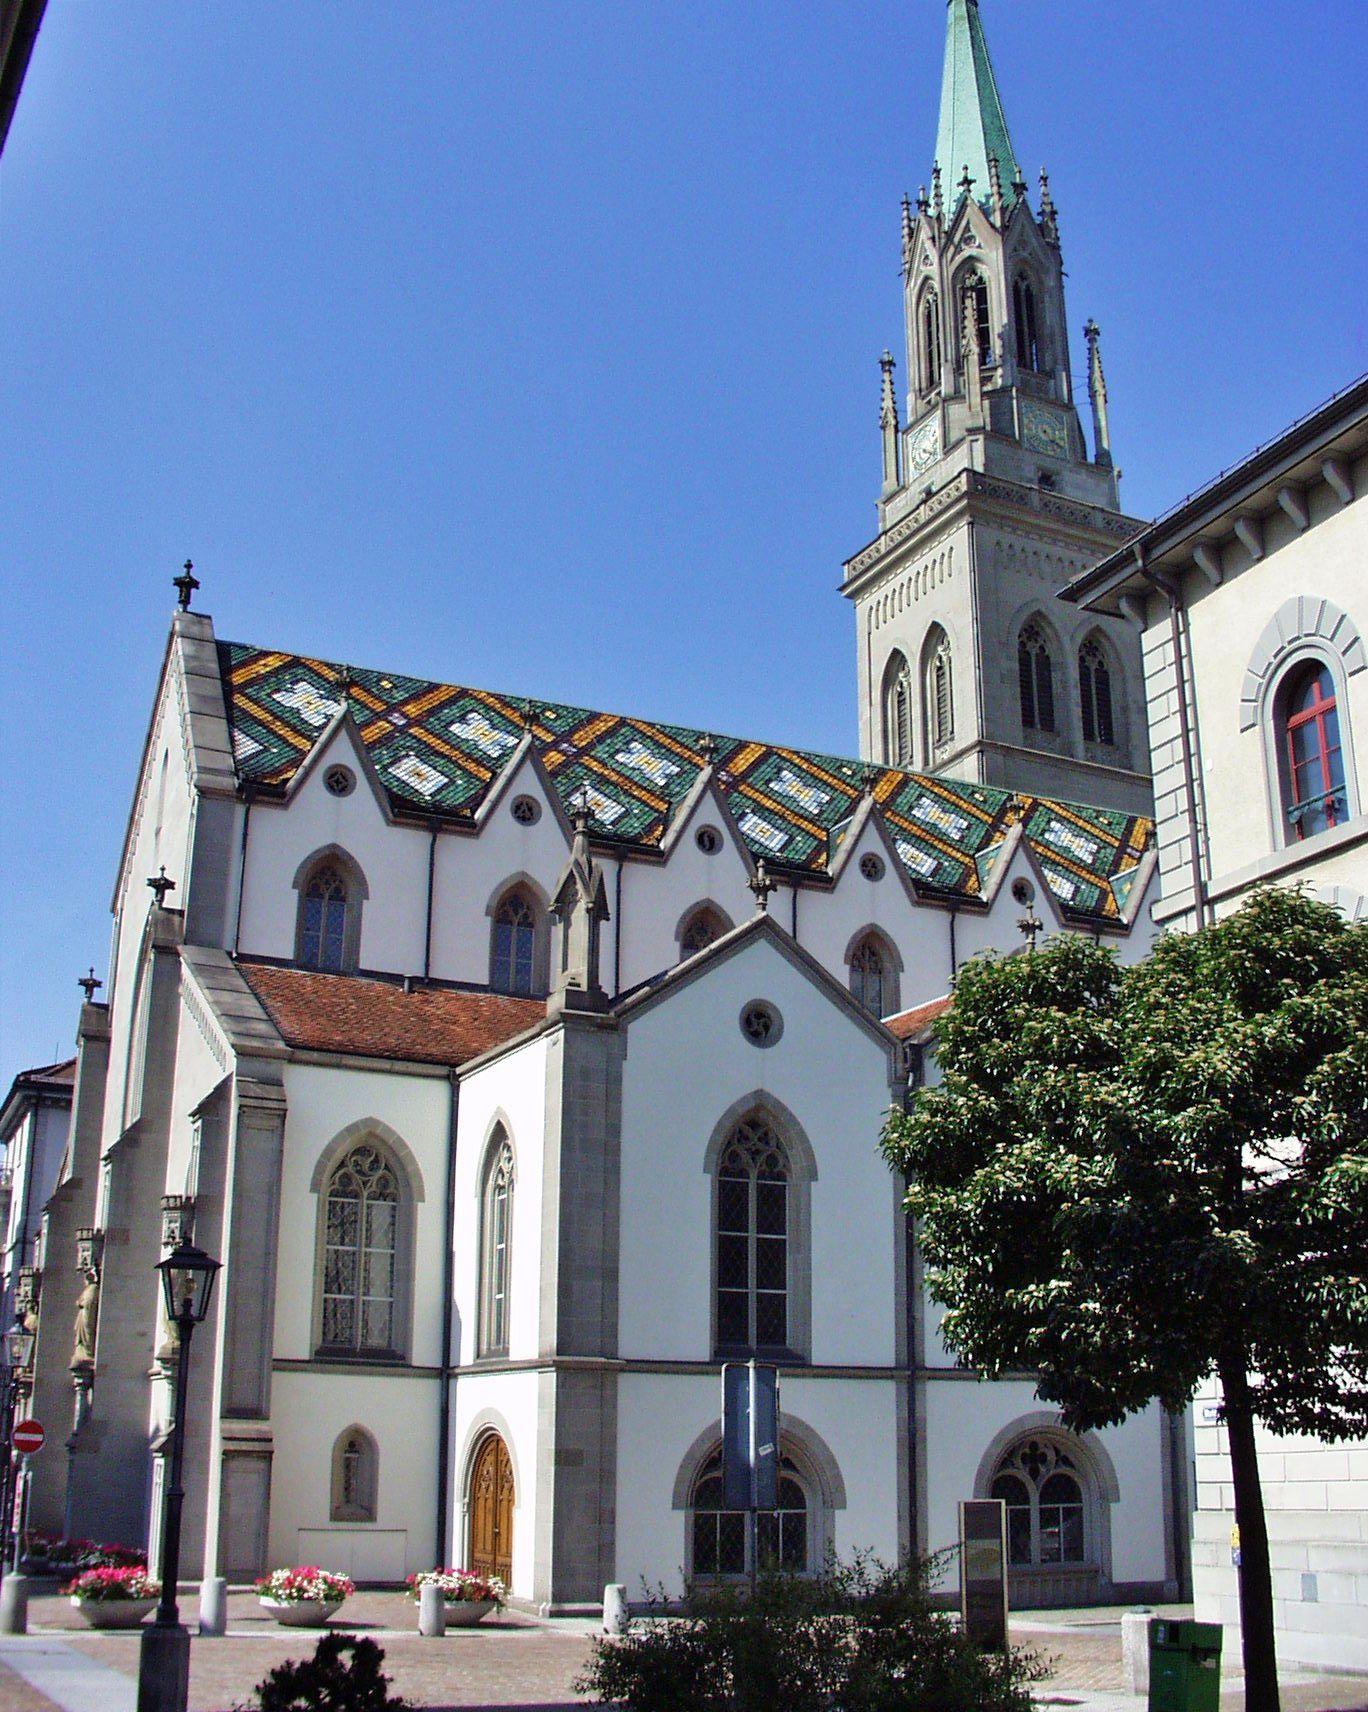 St. Laurenzenkirche © Andreas schweizer